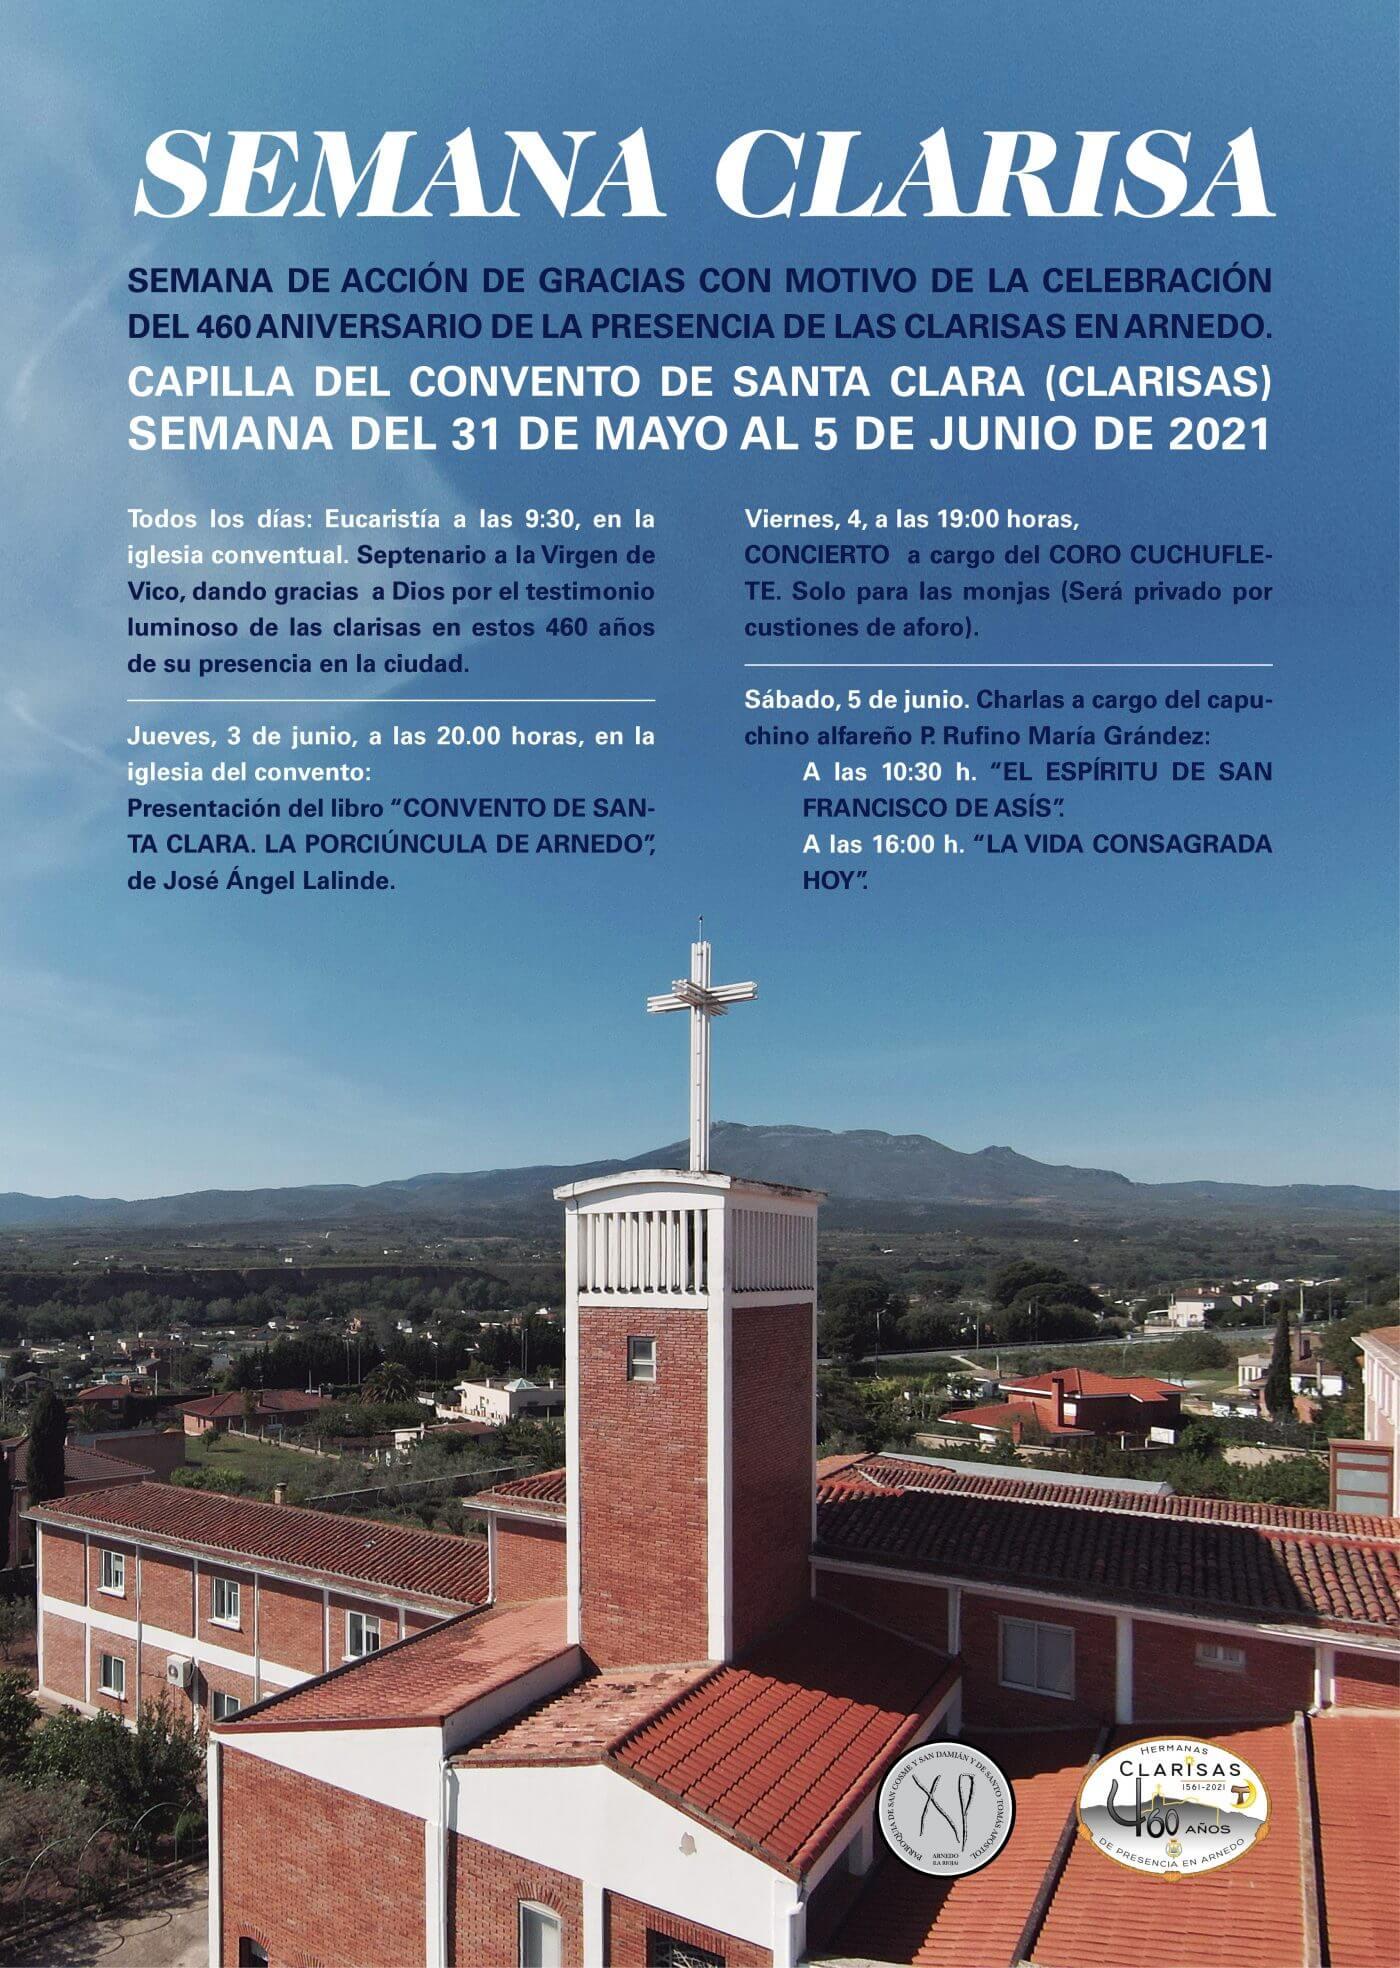 La parroquia de Arnedo organiza la 'Semana Clarisa' con motivo del 460 aniversario de la llegada de las Clarisas a la ciudad